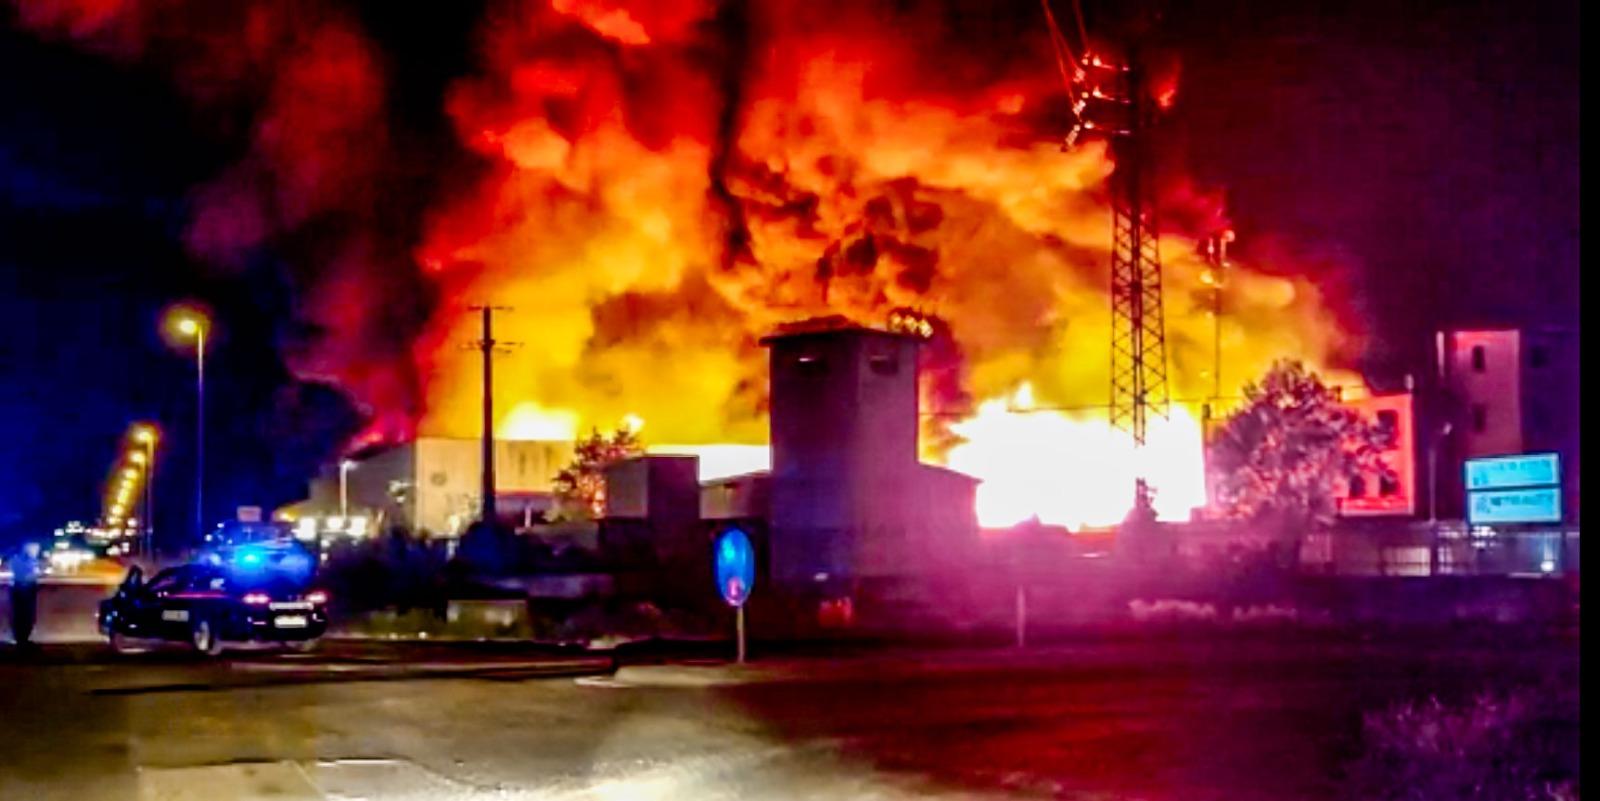 """Incendio al nucleo industriale, il Commissario Passerotti """"sospese le attività lavorative nelle vicinanze dell'incendio, vietate attività all'aperto e finestre chiuse"""""""